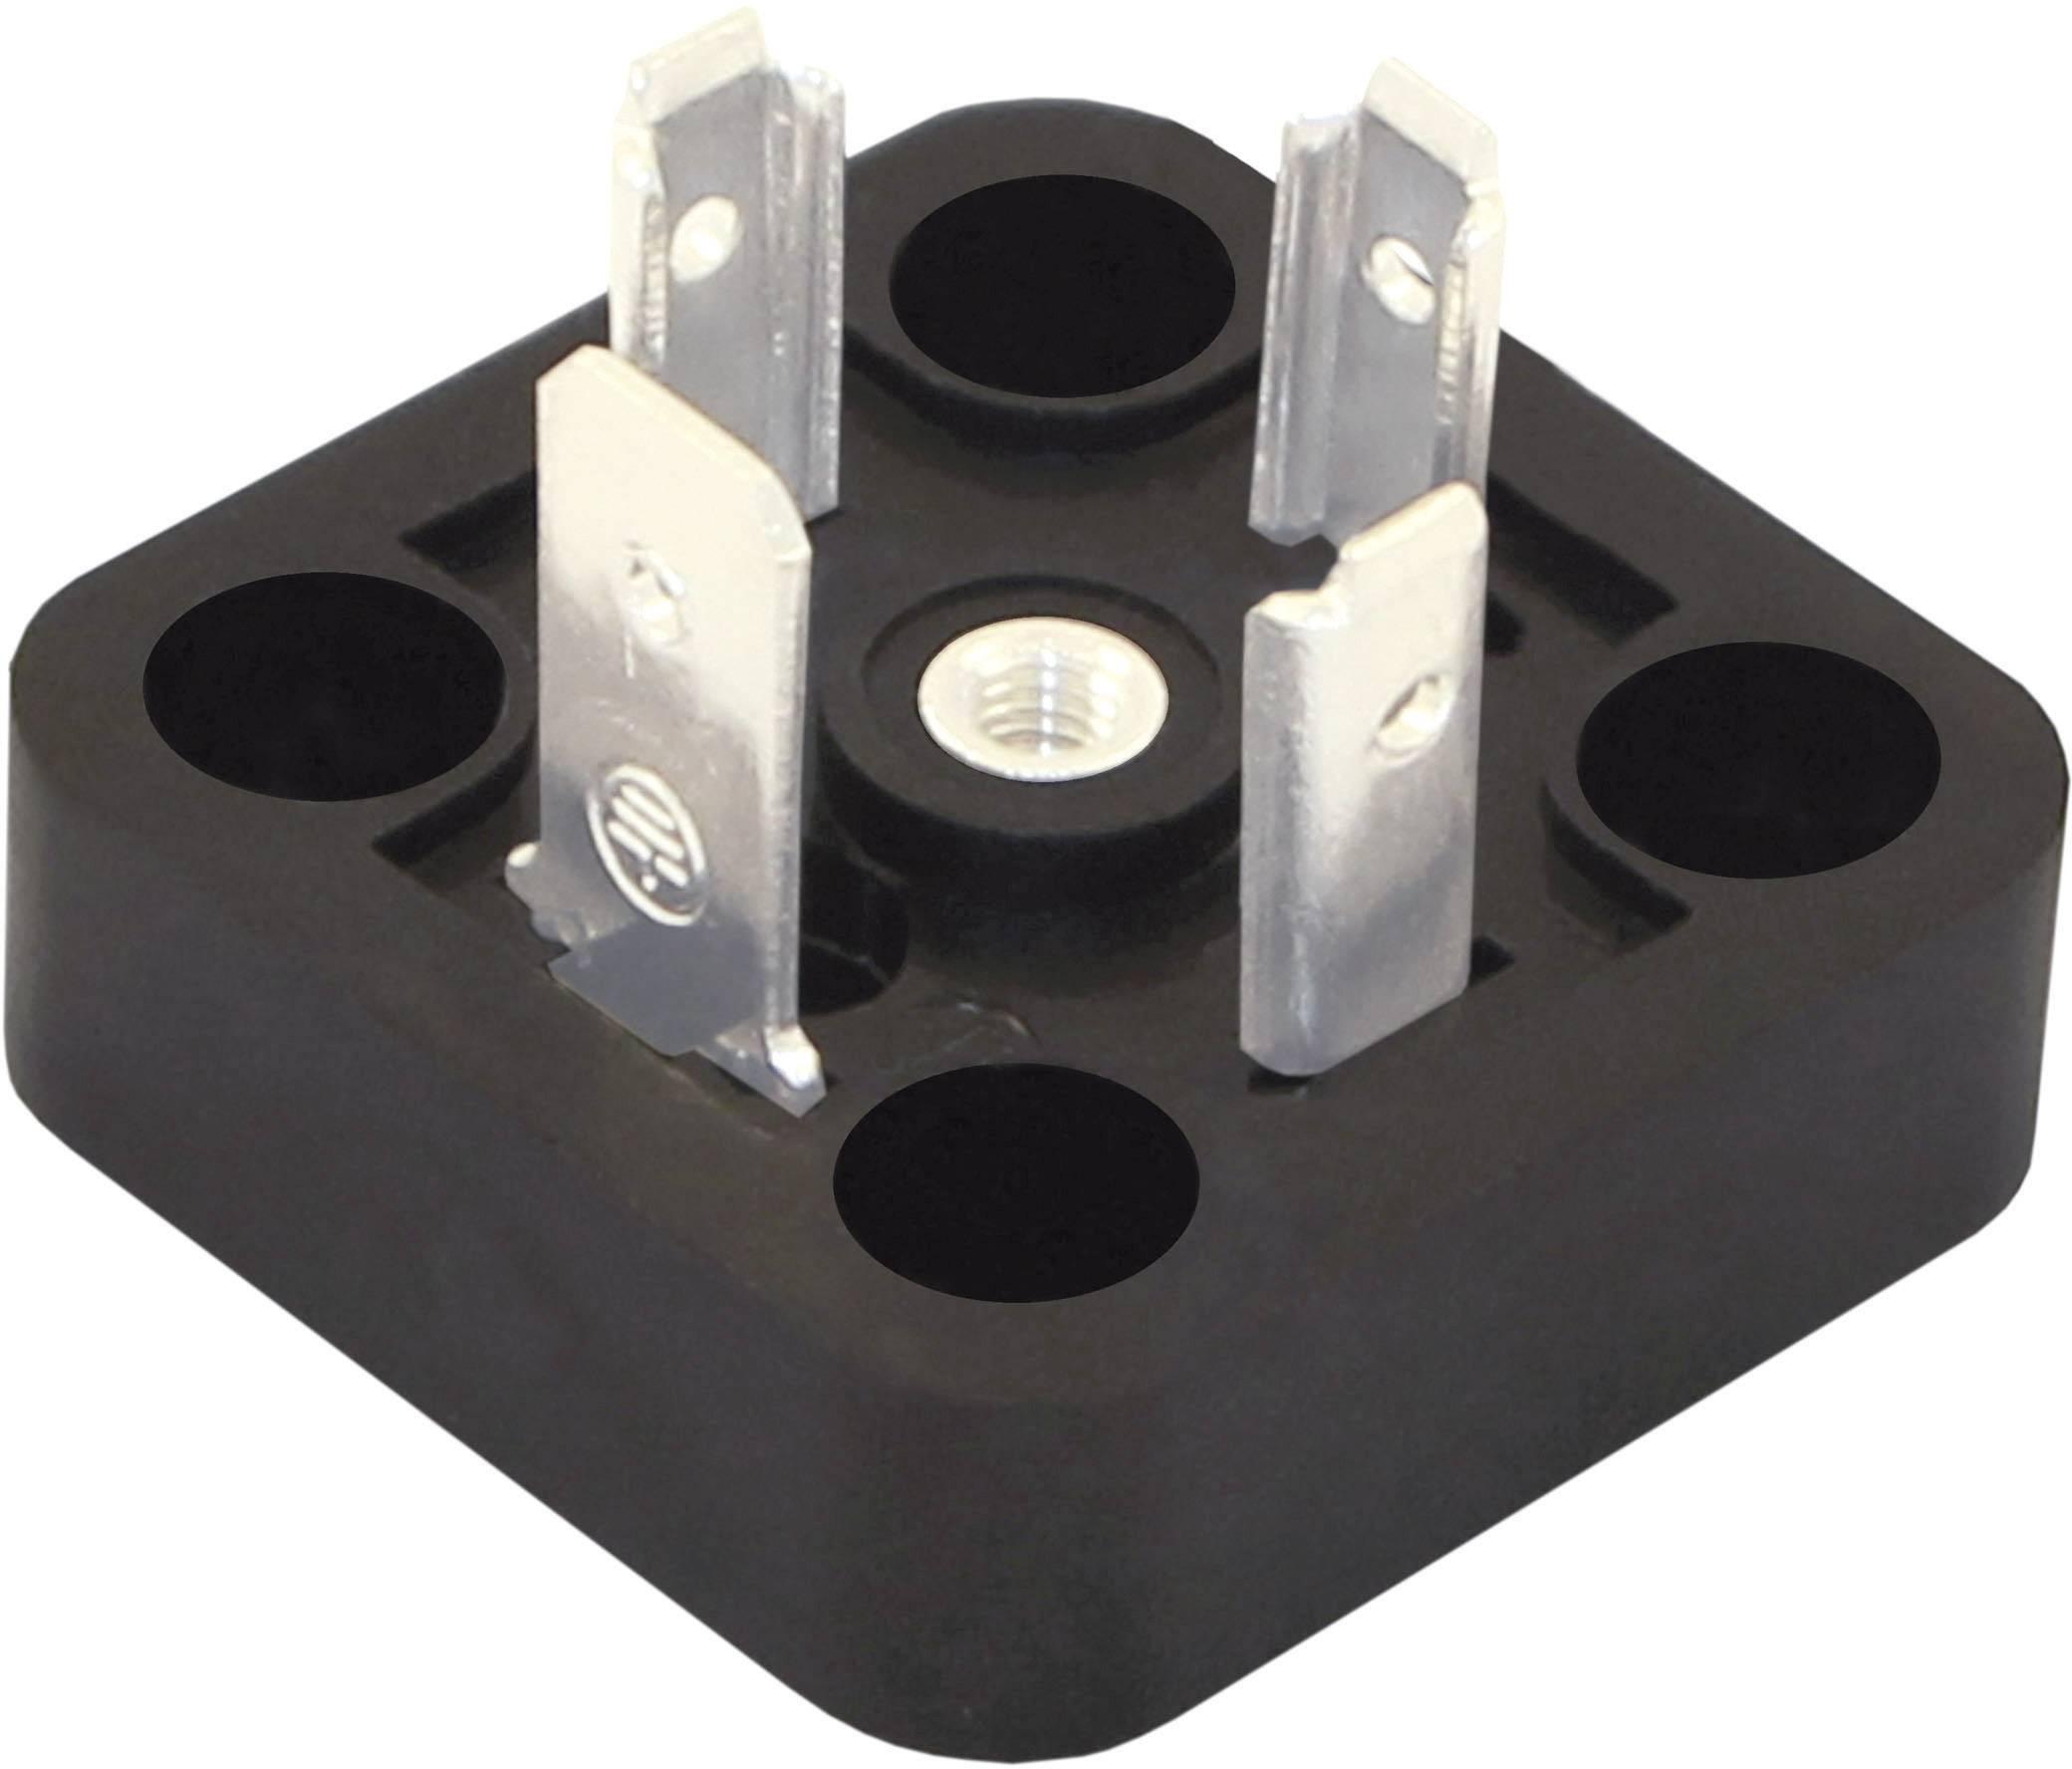 Ventilový konektor HTP BG1N02000-HT, IP67 (namontované), černá